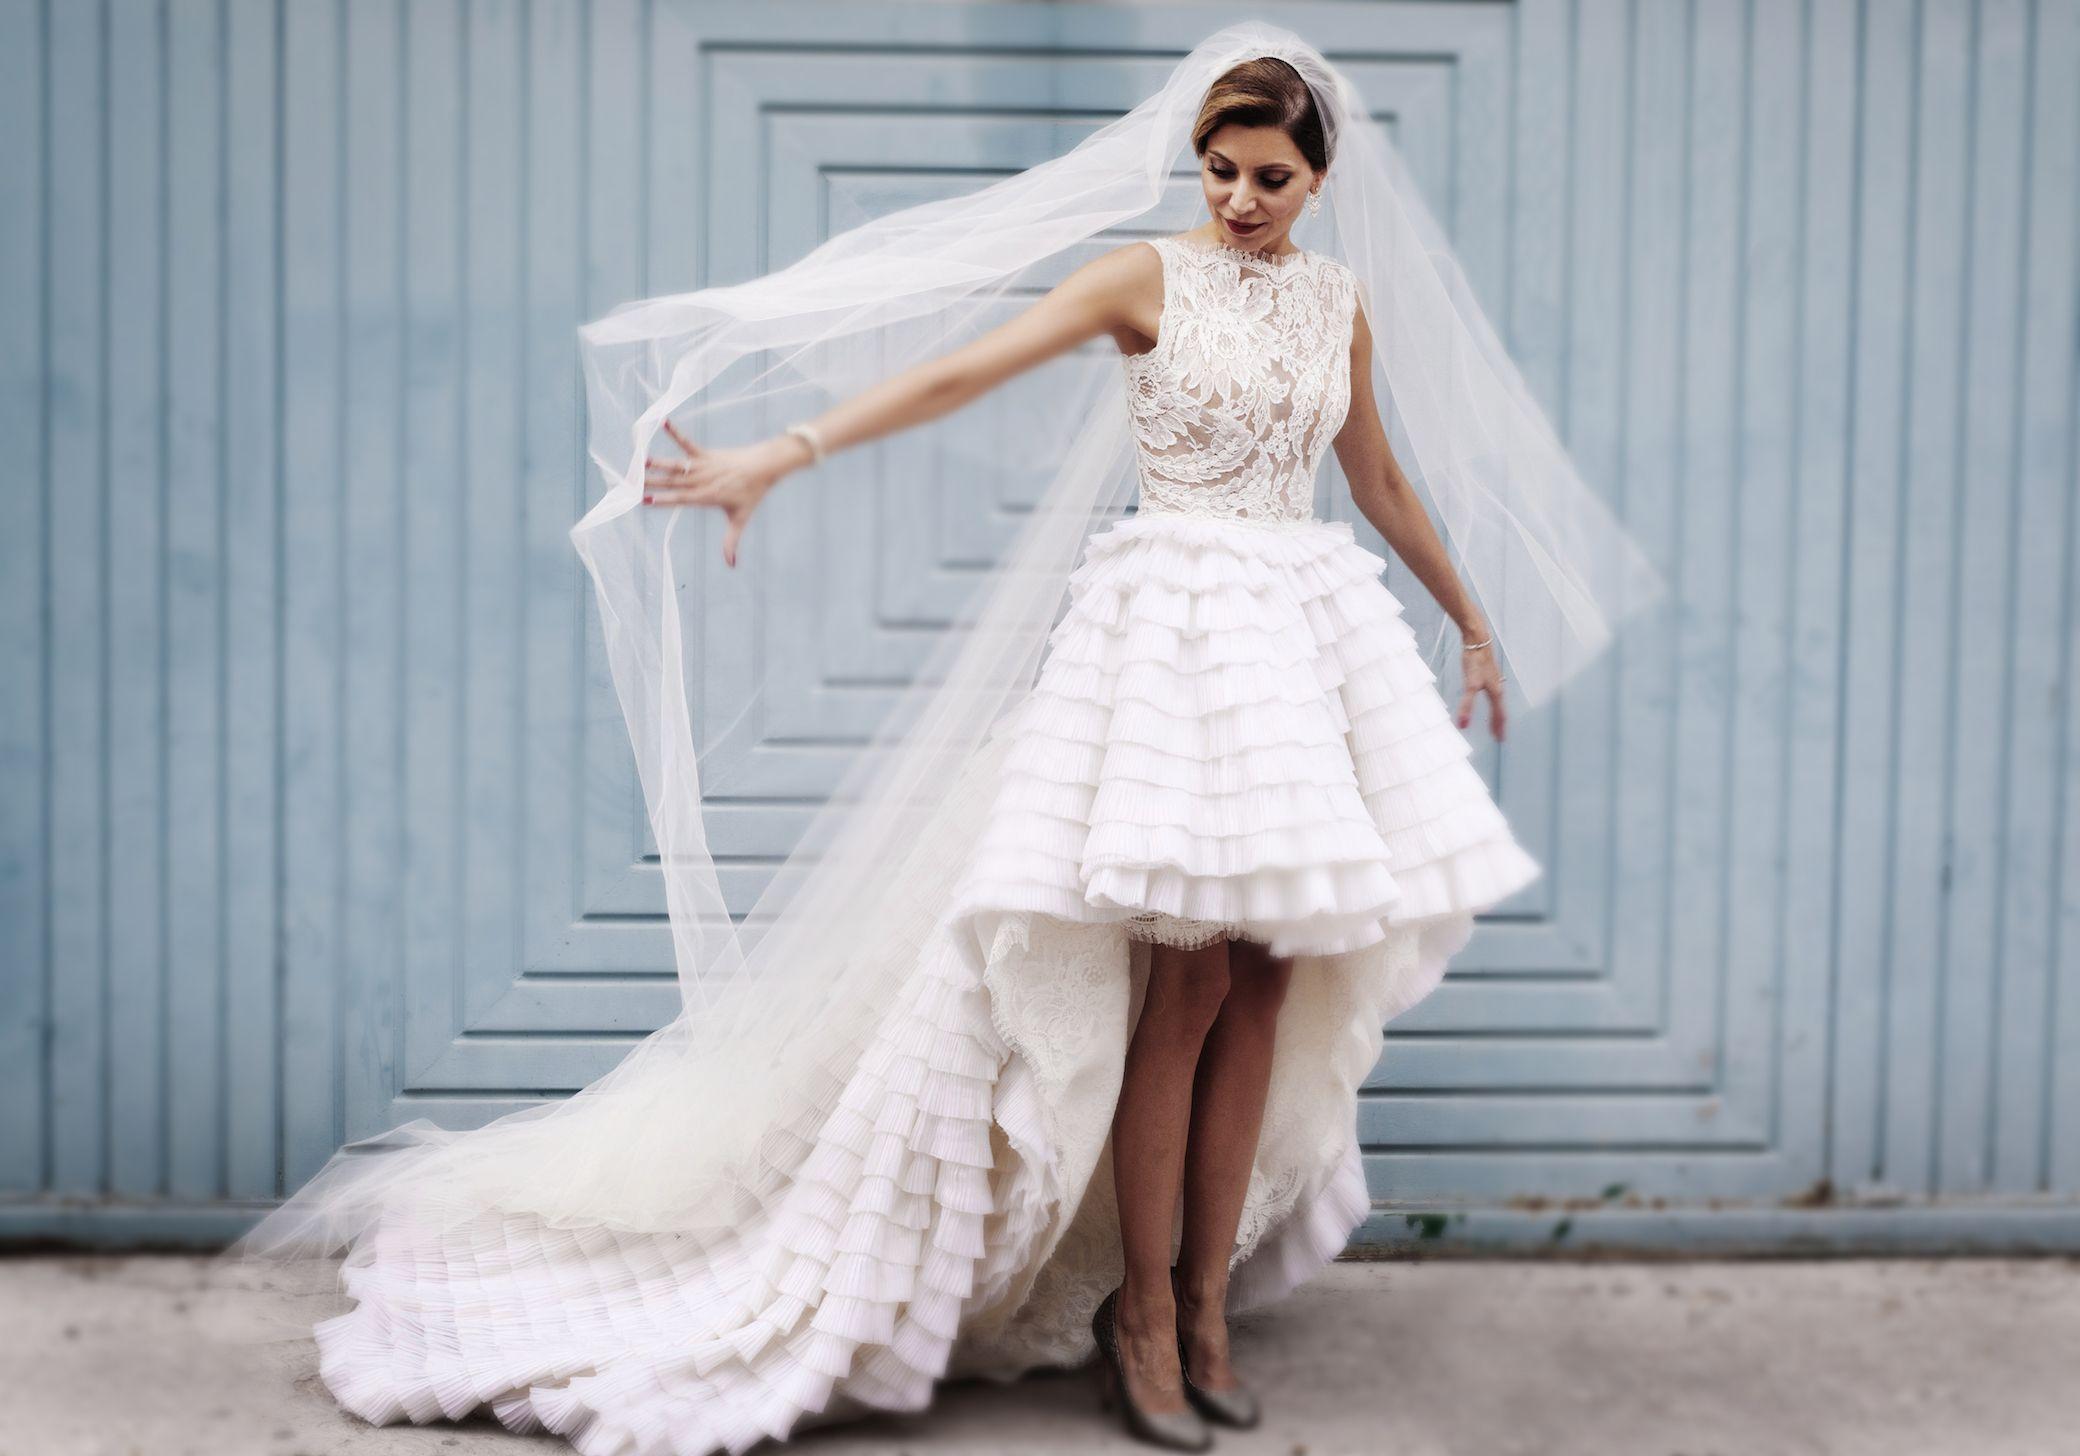 Warum heiraten Bräute in Weiß?  Brautkleid, Hochzeitskleid und Braut